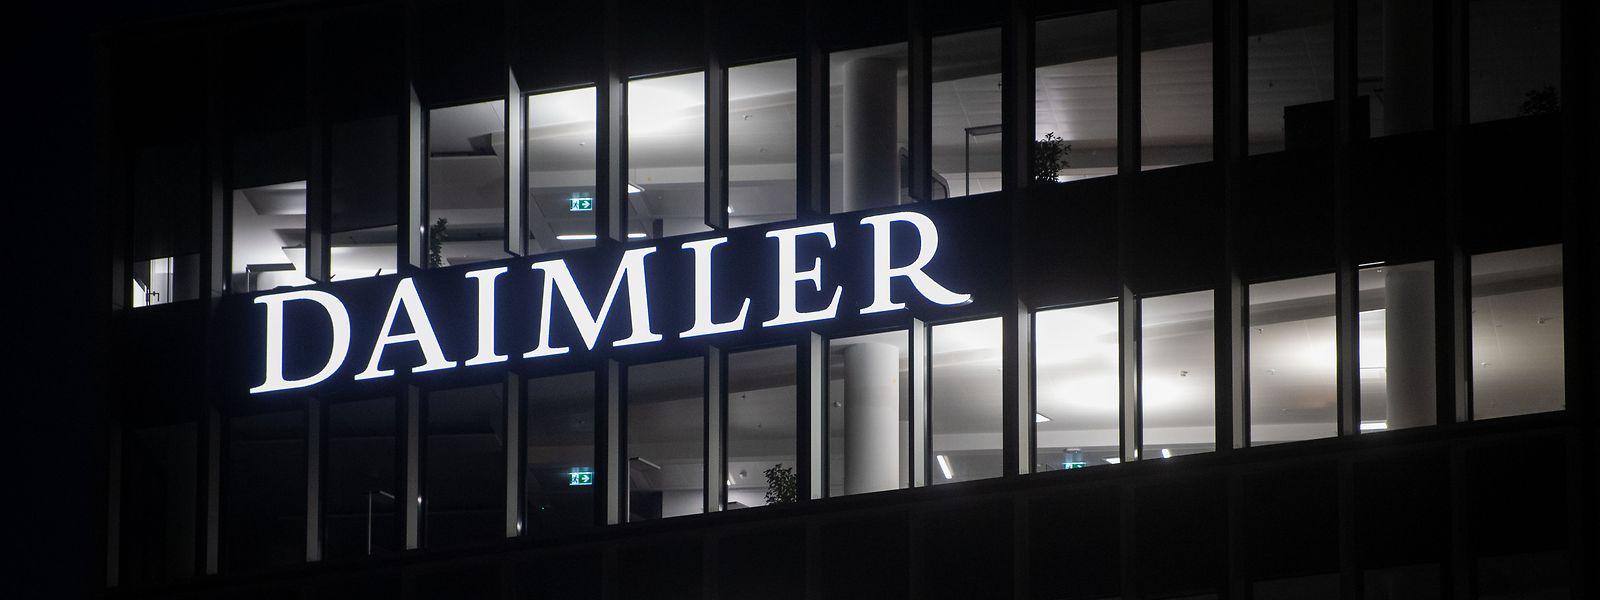 Die Fenster an der Konzernzentrale der Daimler AG in Stuttgart sind beleuchtet.